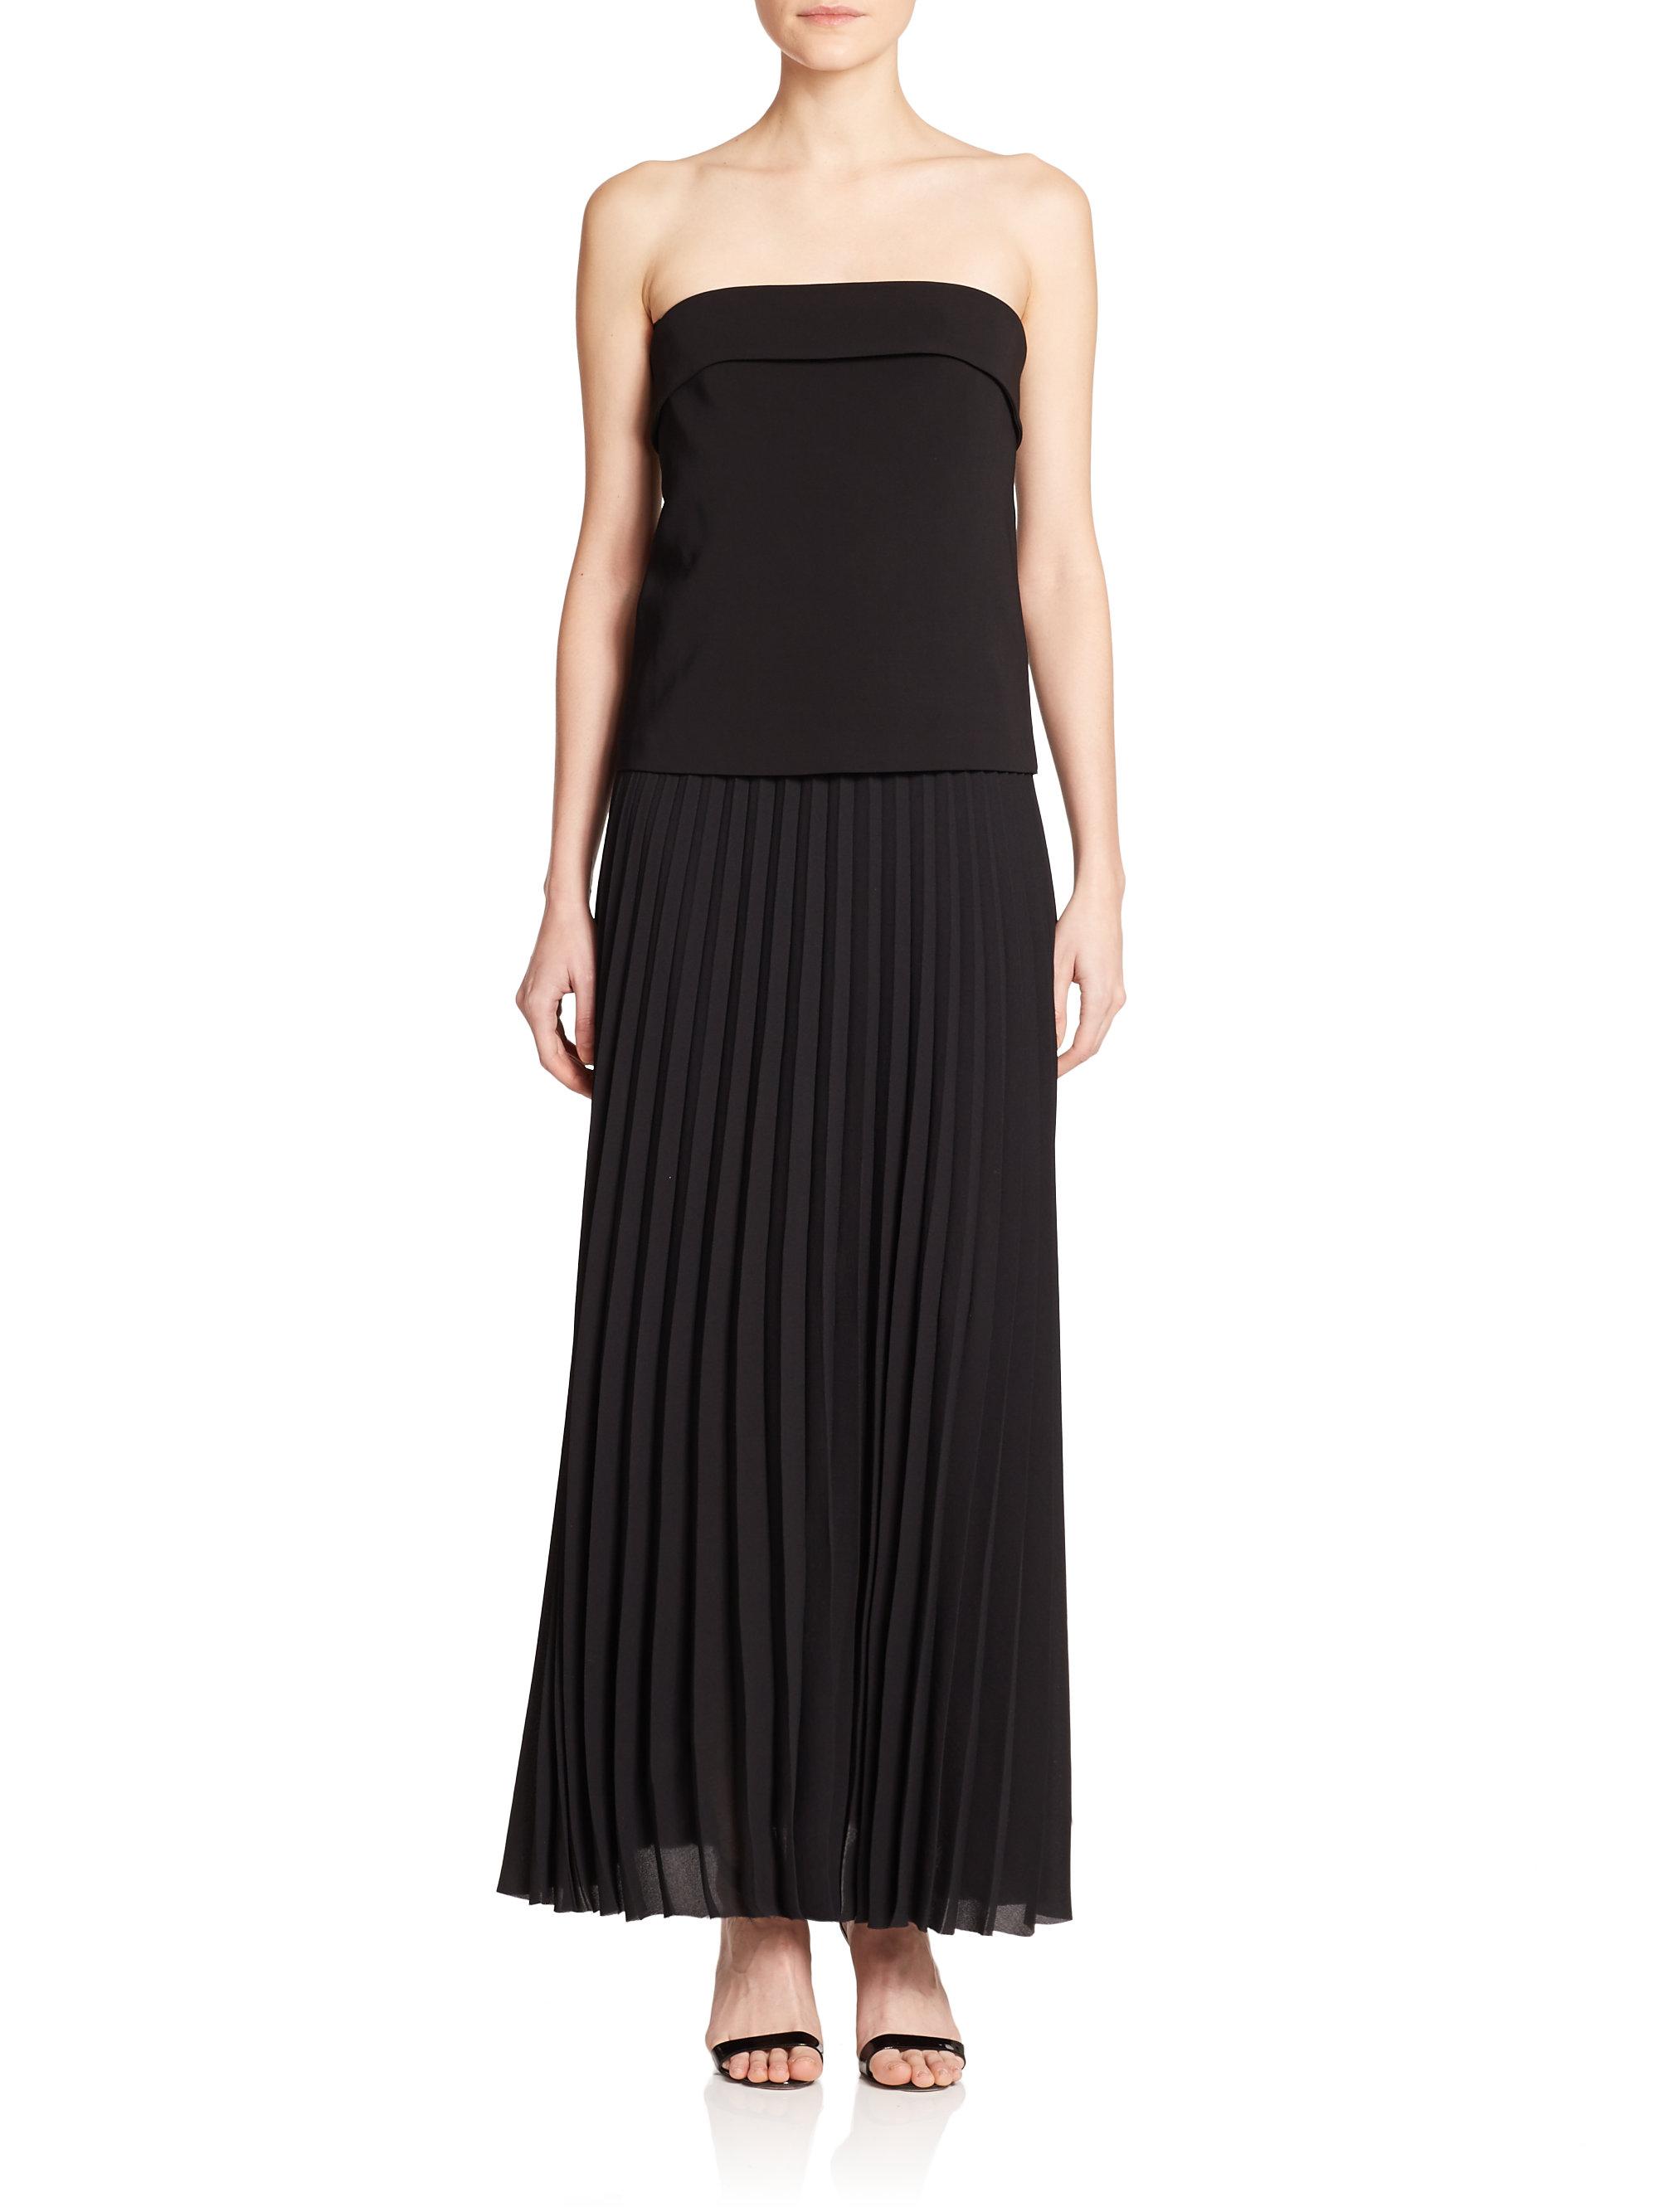 Alc Maxi Dress